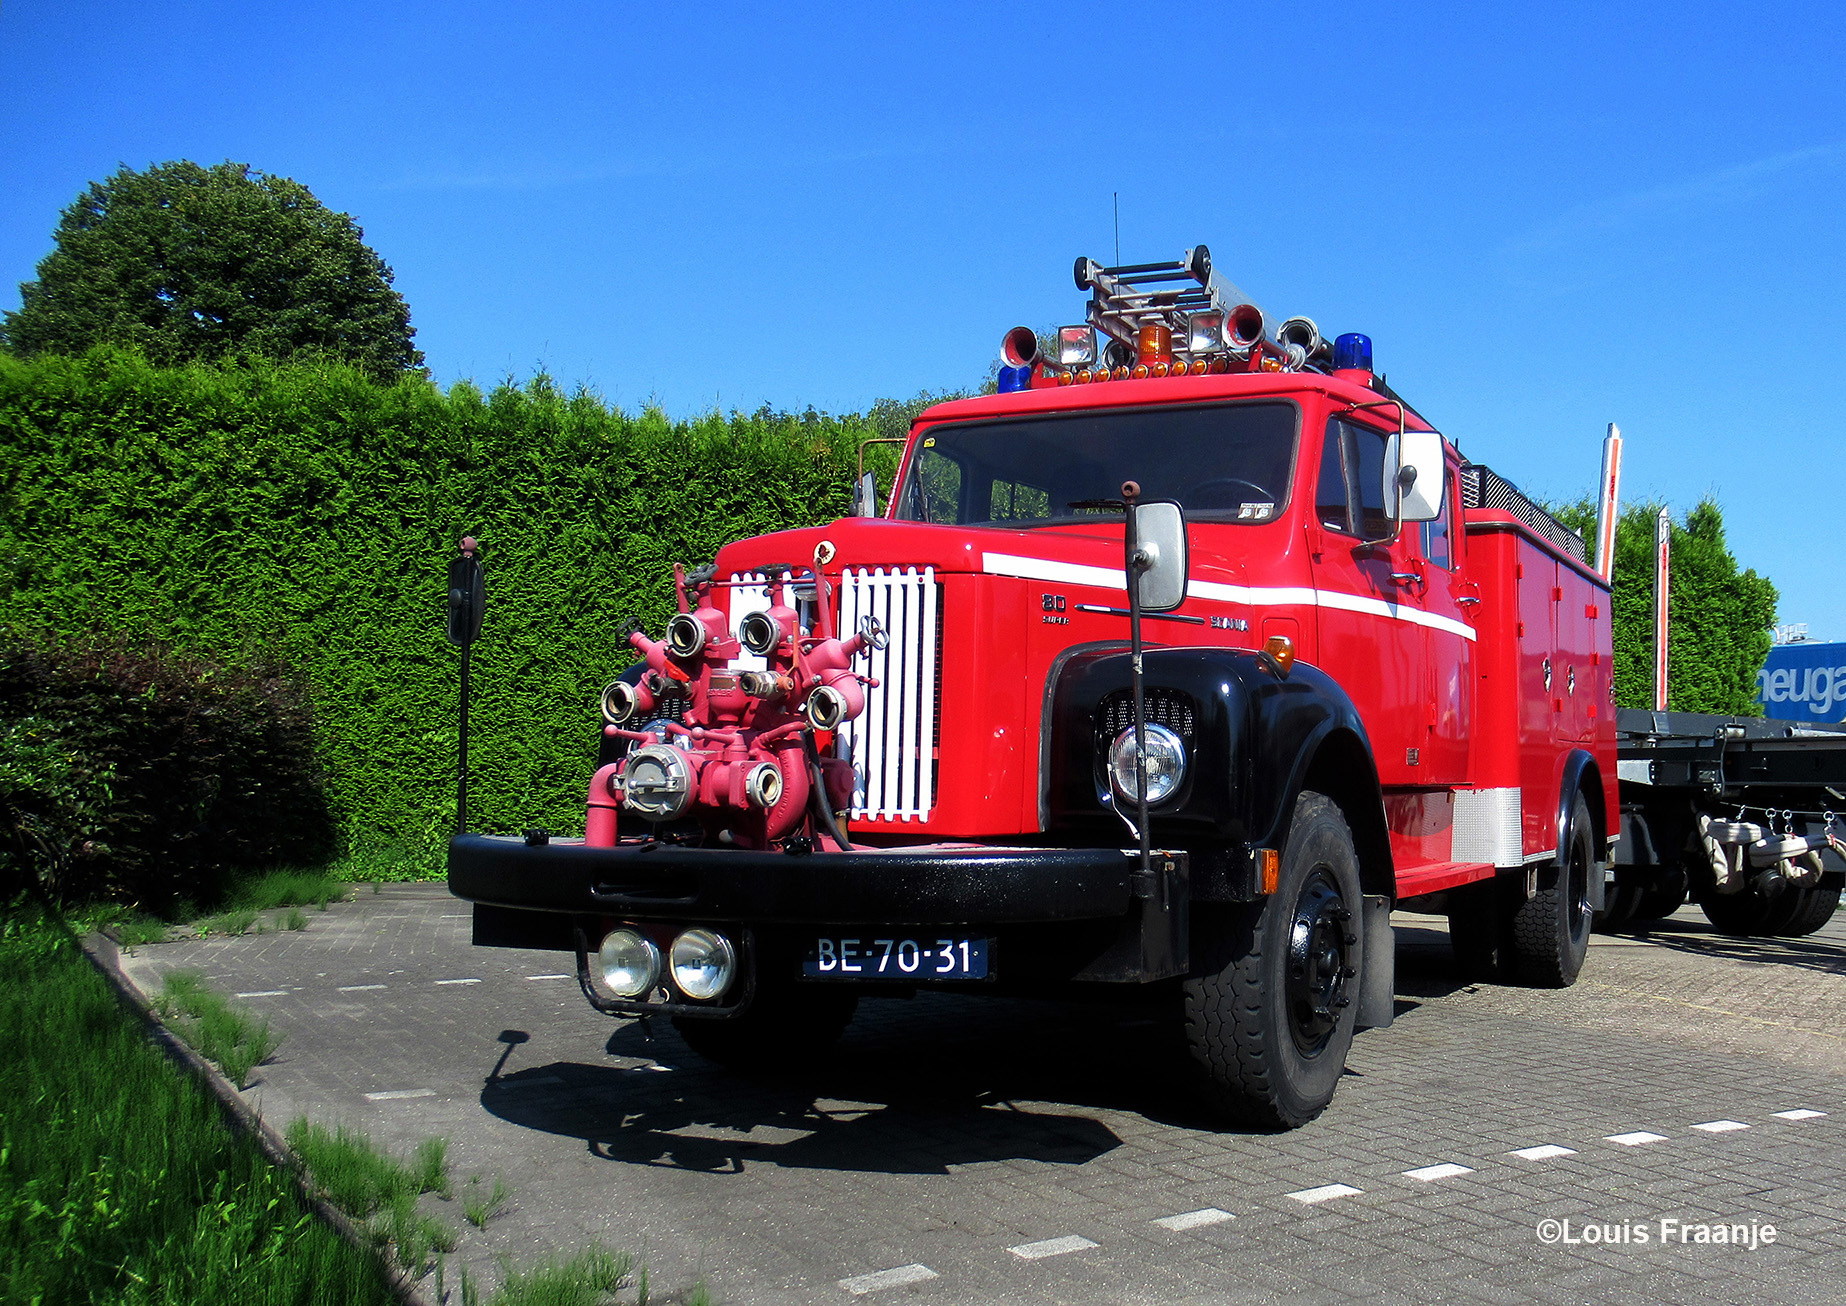 In Scherpenzeel zagen wij deze prachtige antieke brandweerauto staan. Een Scania 80 super torpedo - Foto: ©Louis Fraanje